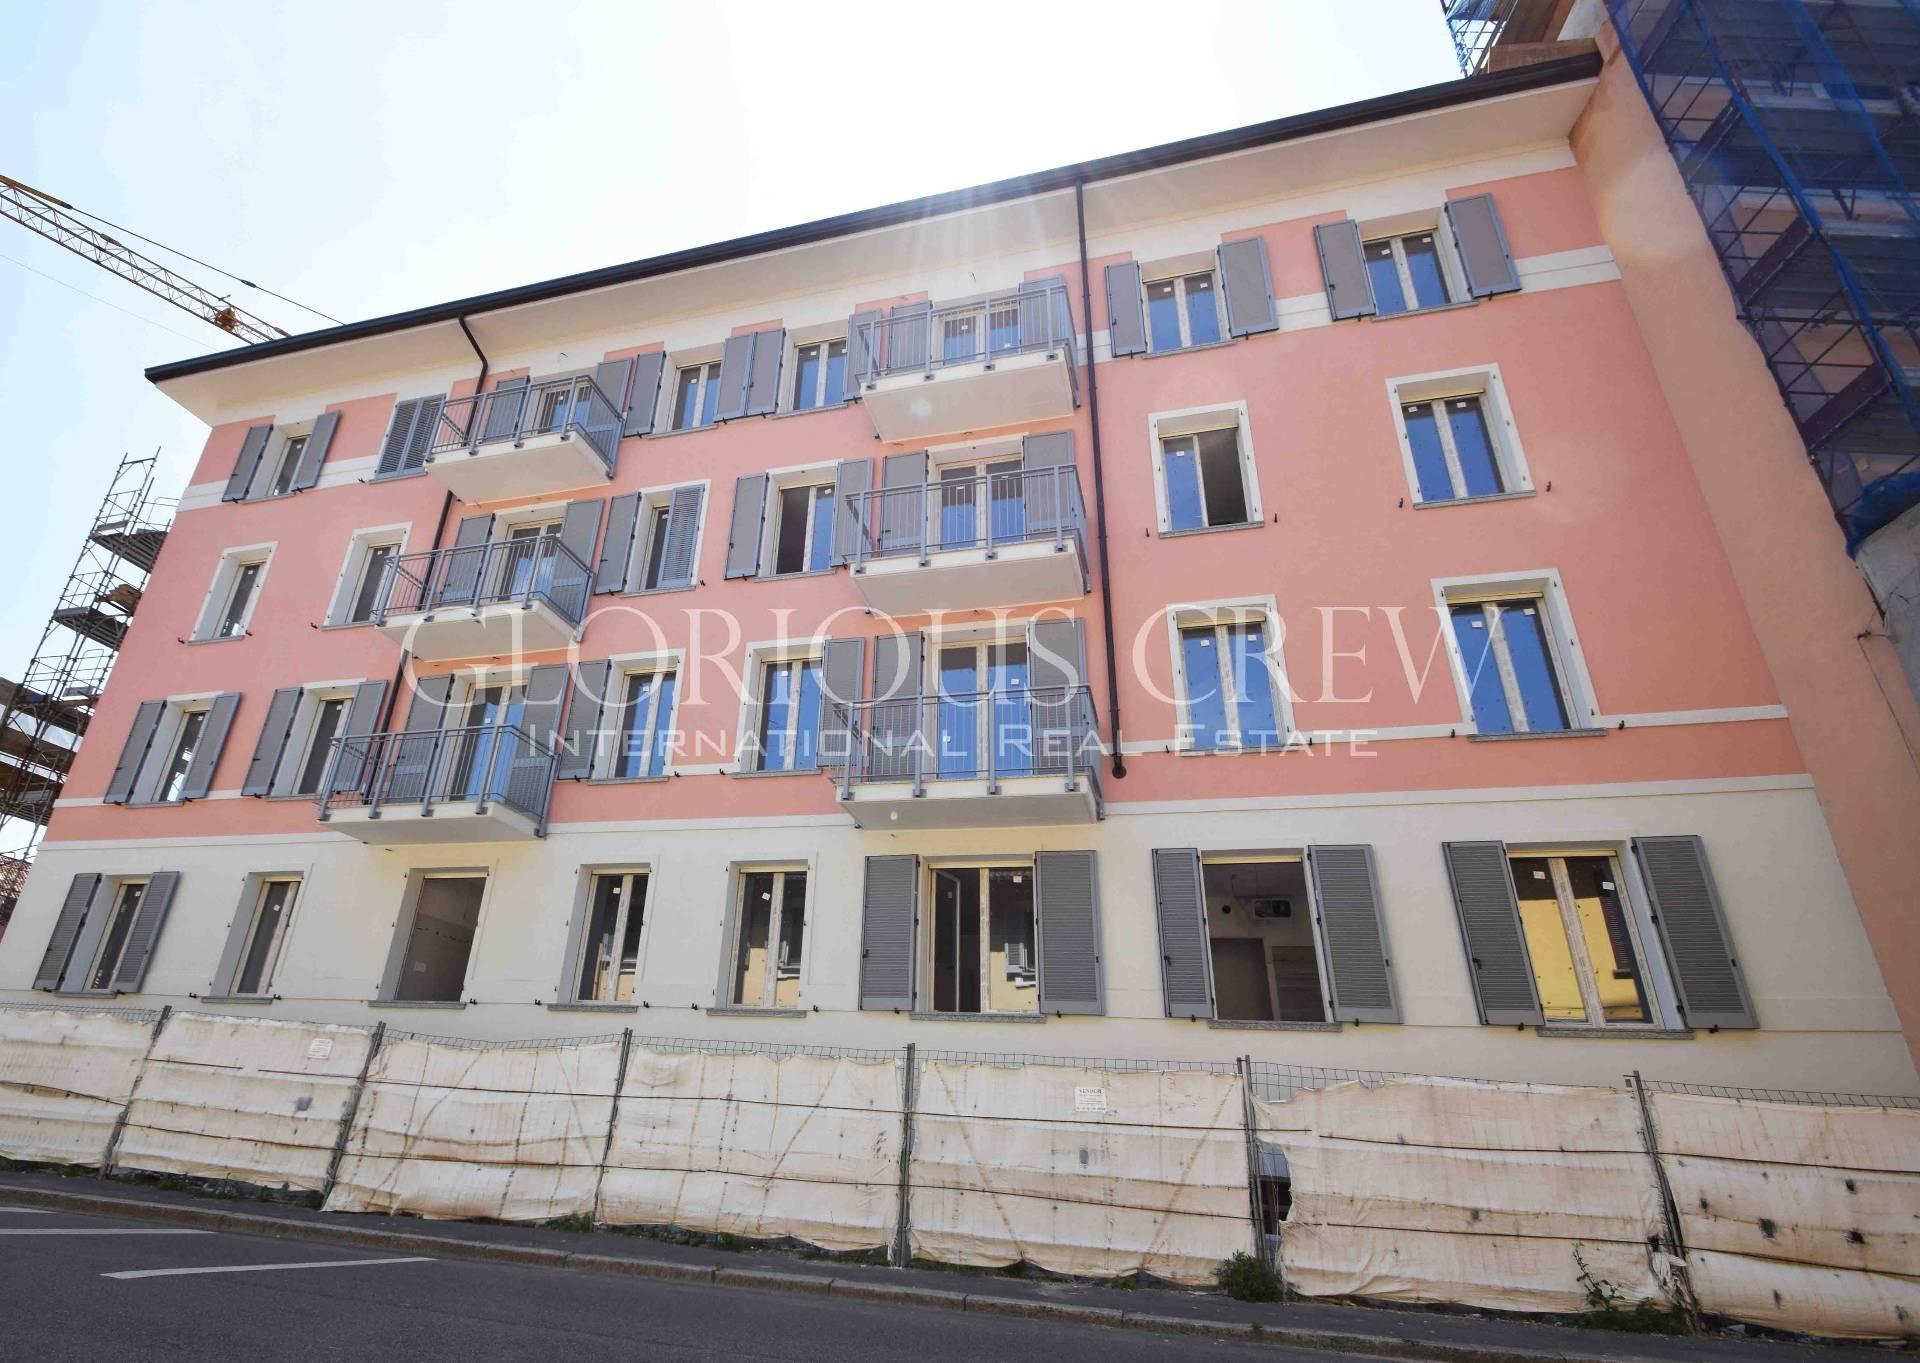 Appartamento in Vendita a San Donato Milanese: 2 locali, 55 mq